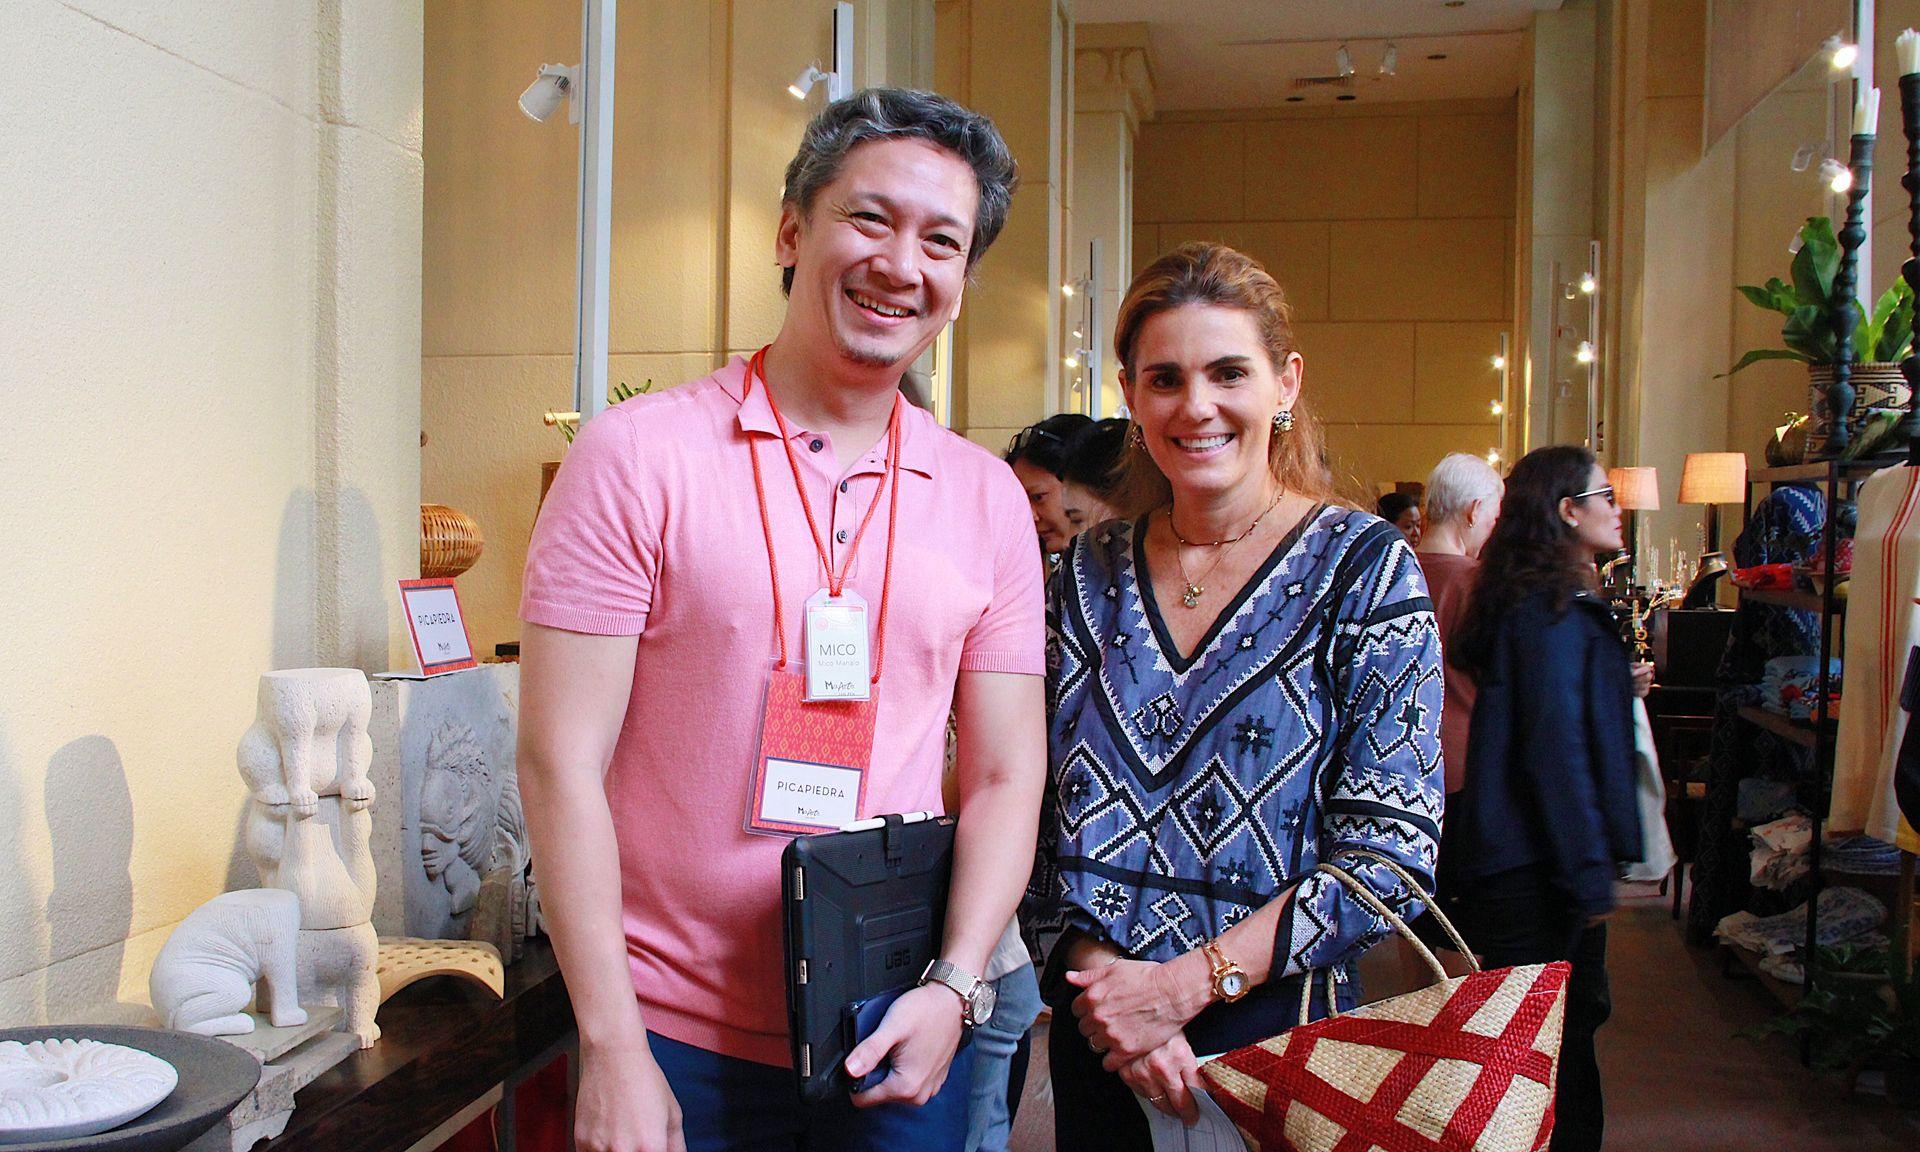 MFPI's Mico Manalo with Lizzie Zobel